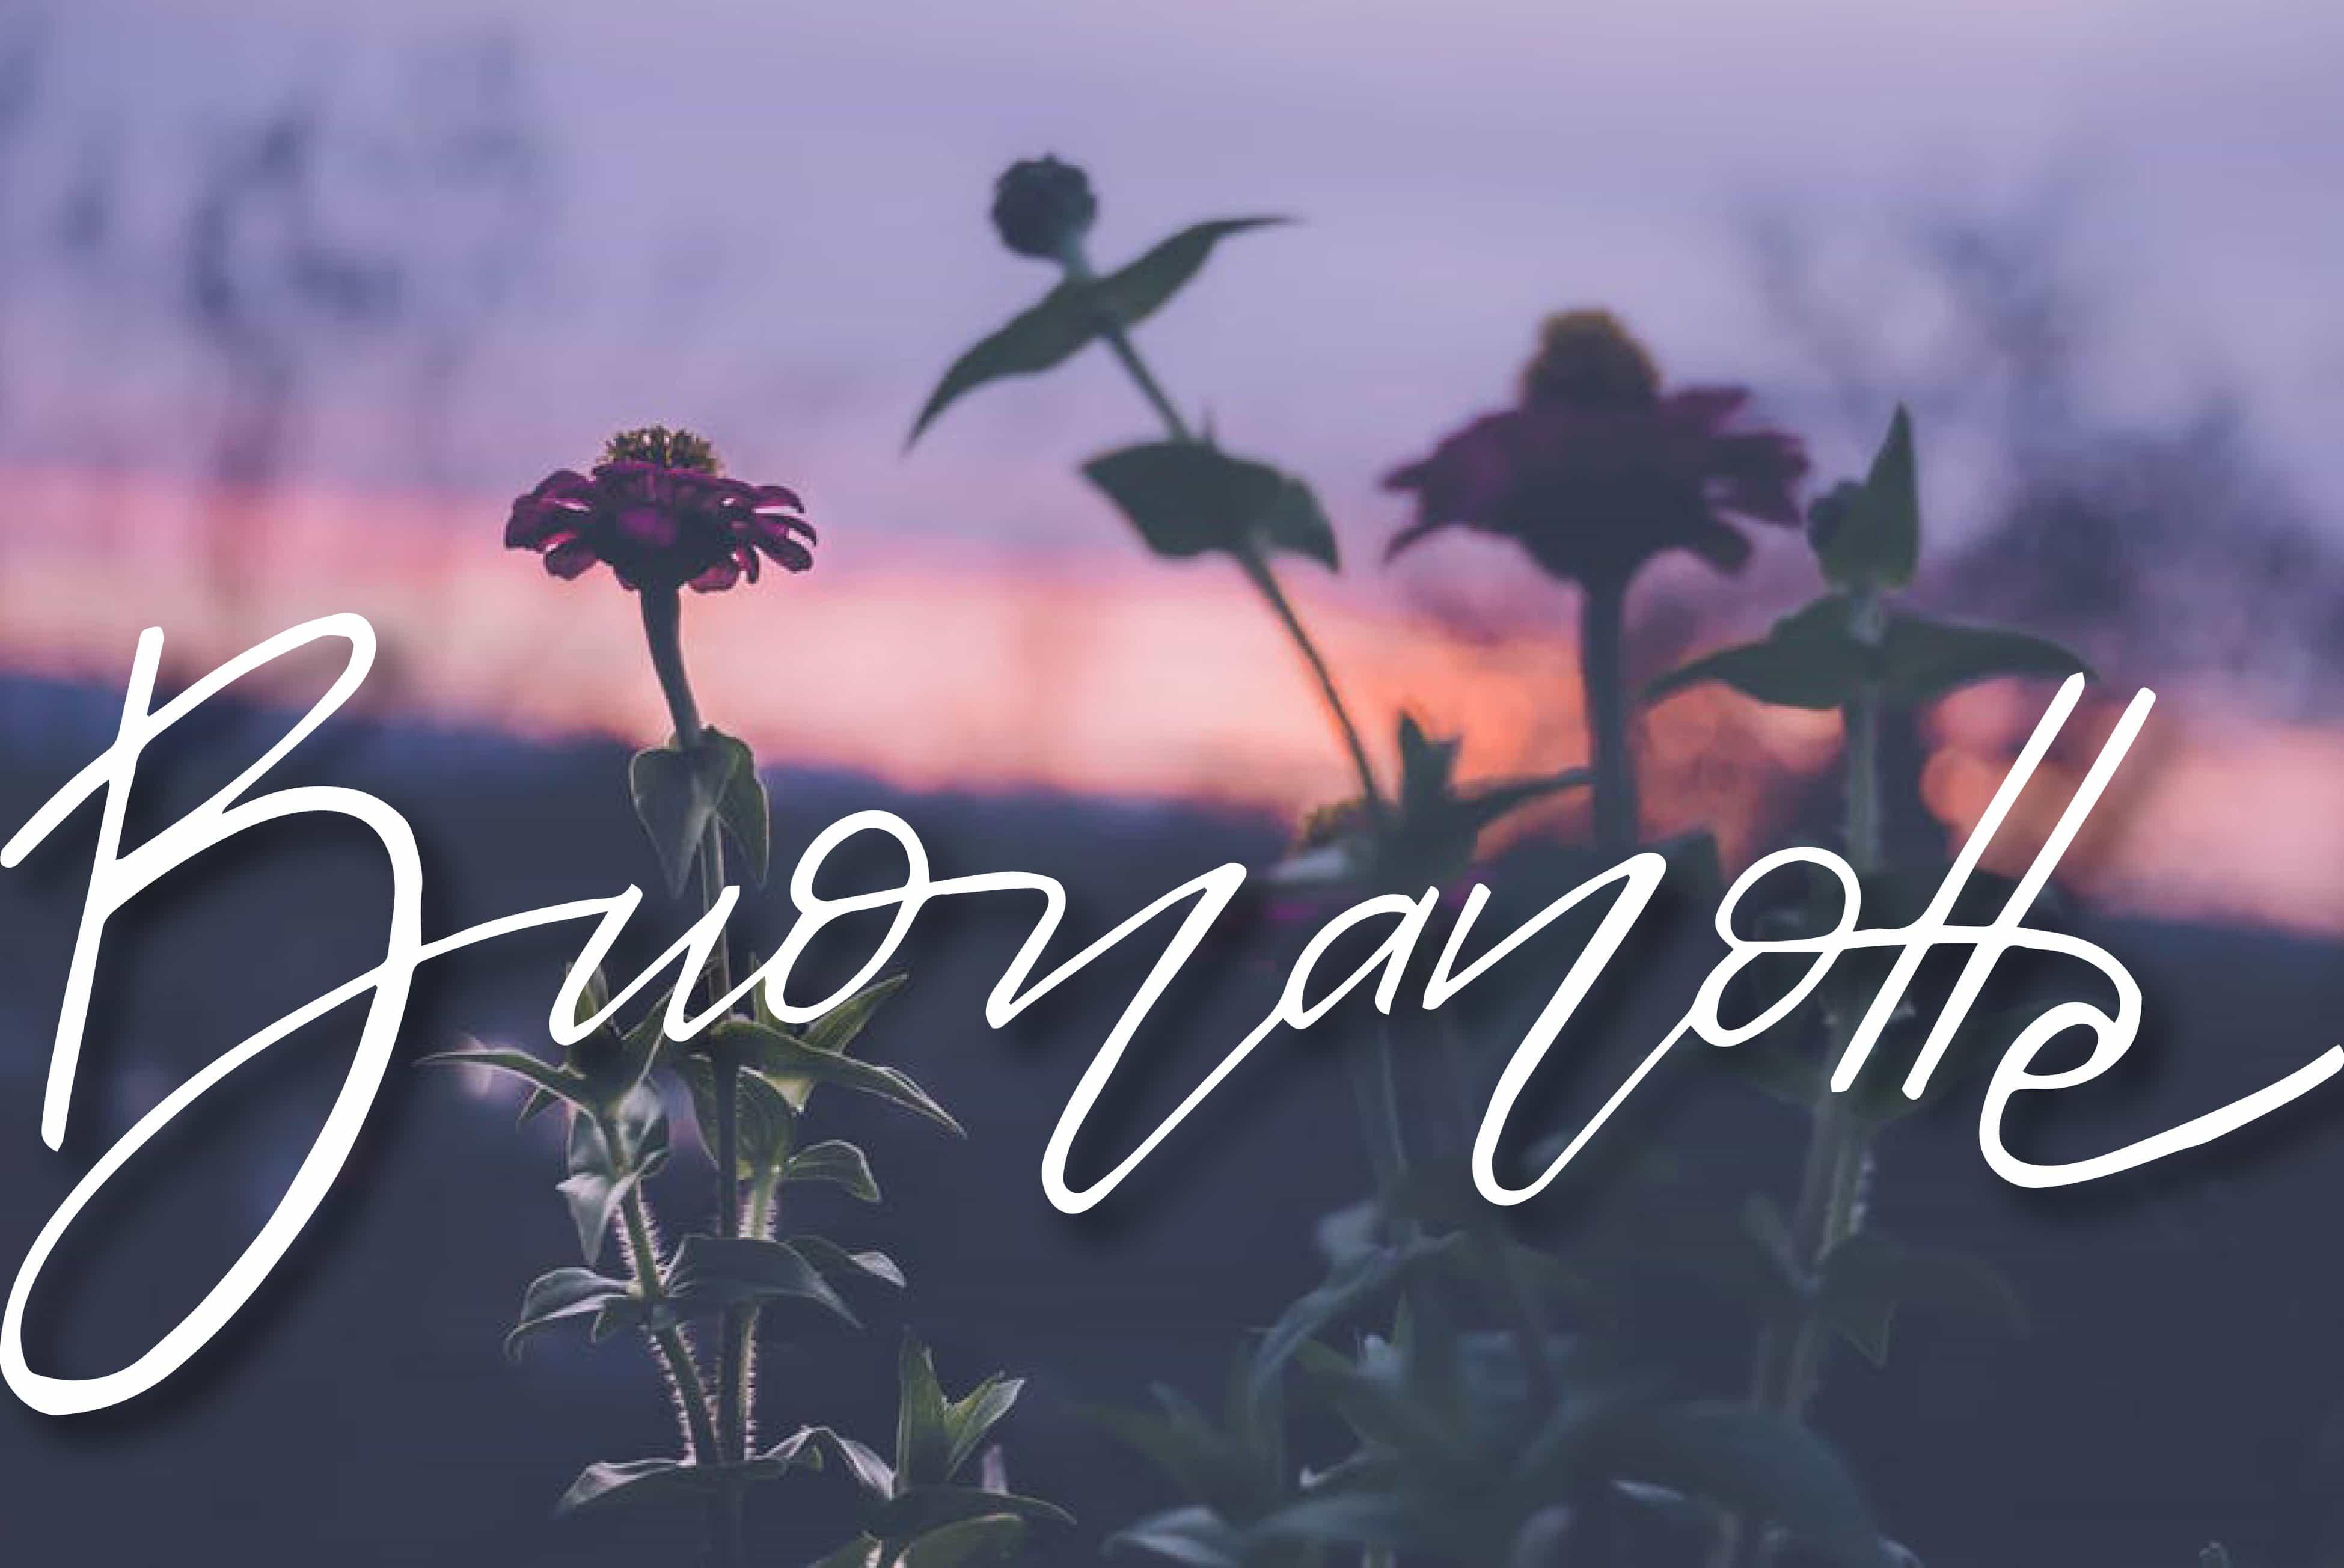 buonanotte fiori, buonanotte immagini